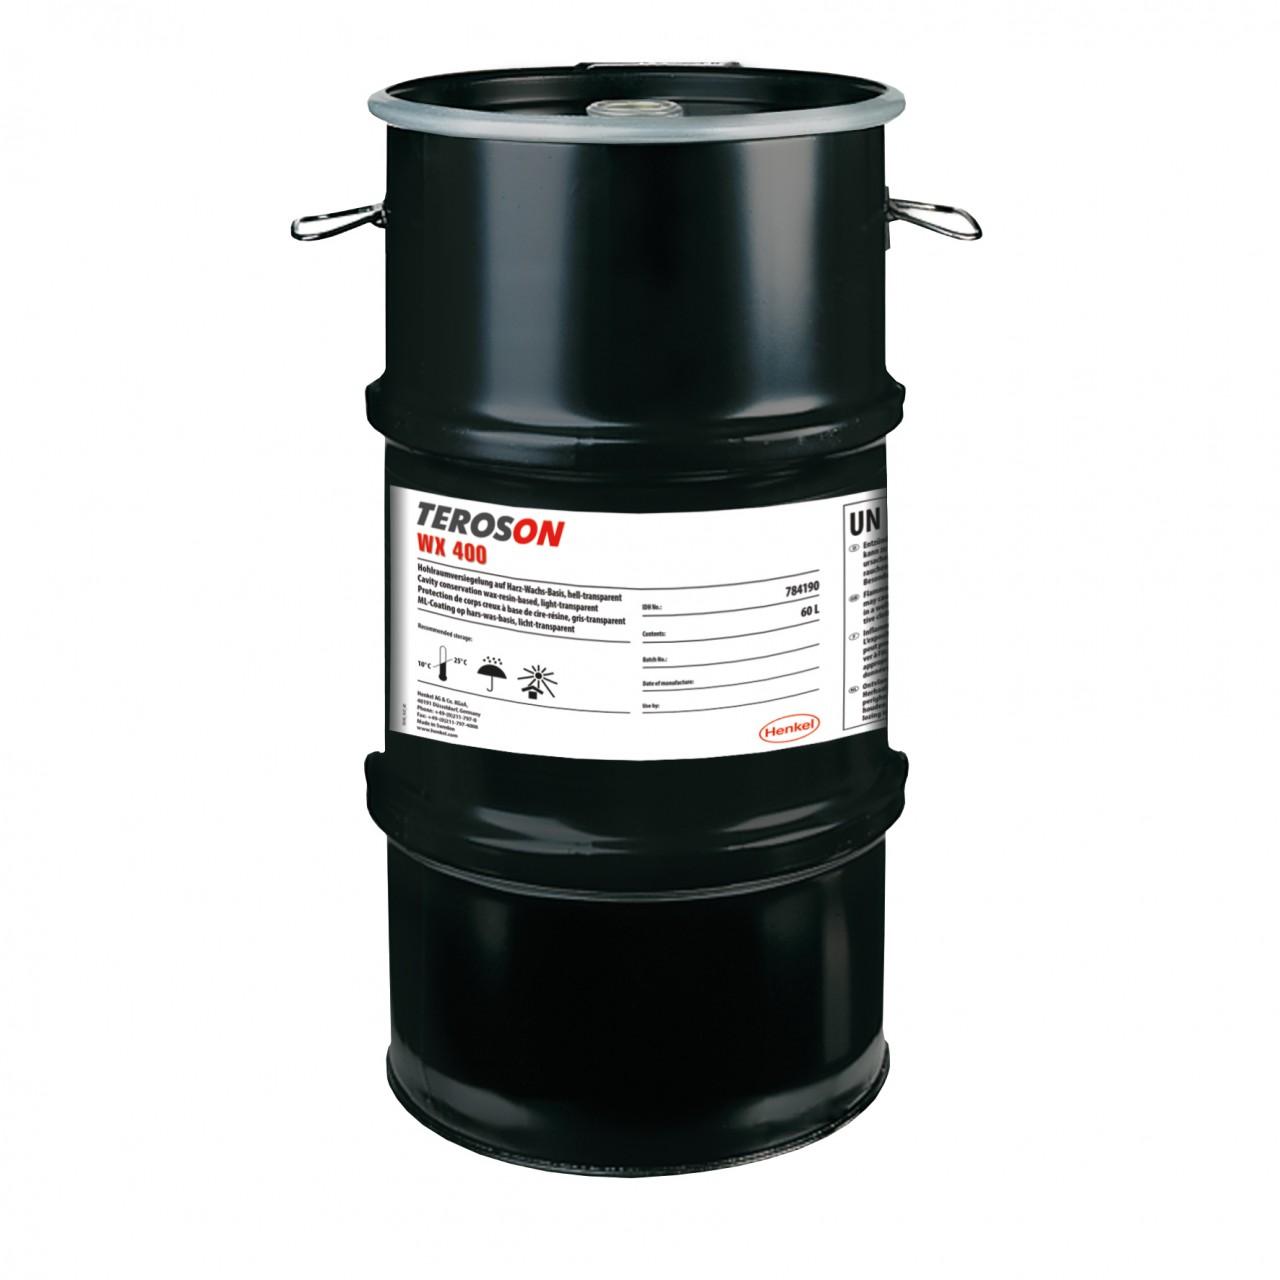 Terotex WX 400 60l